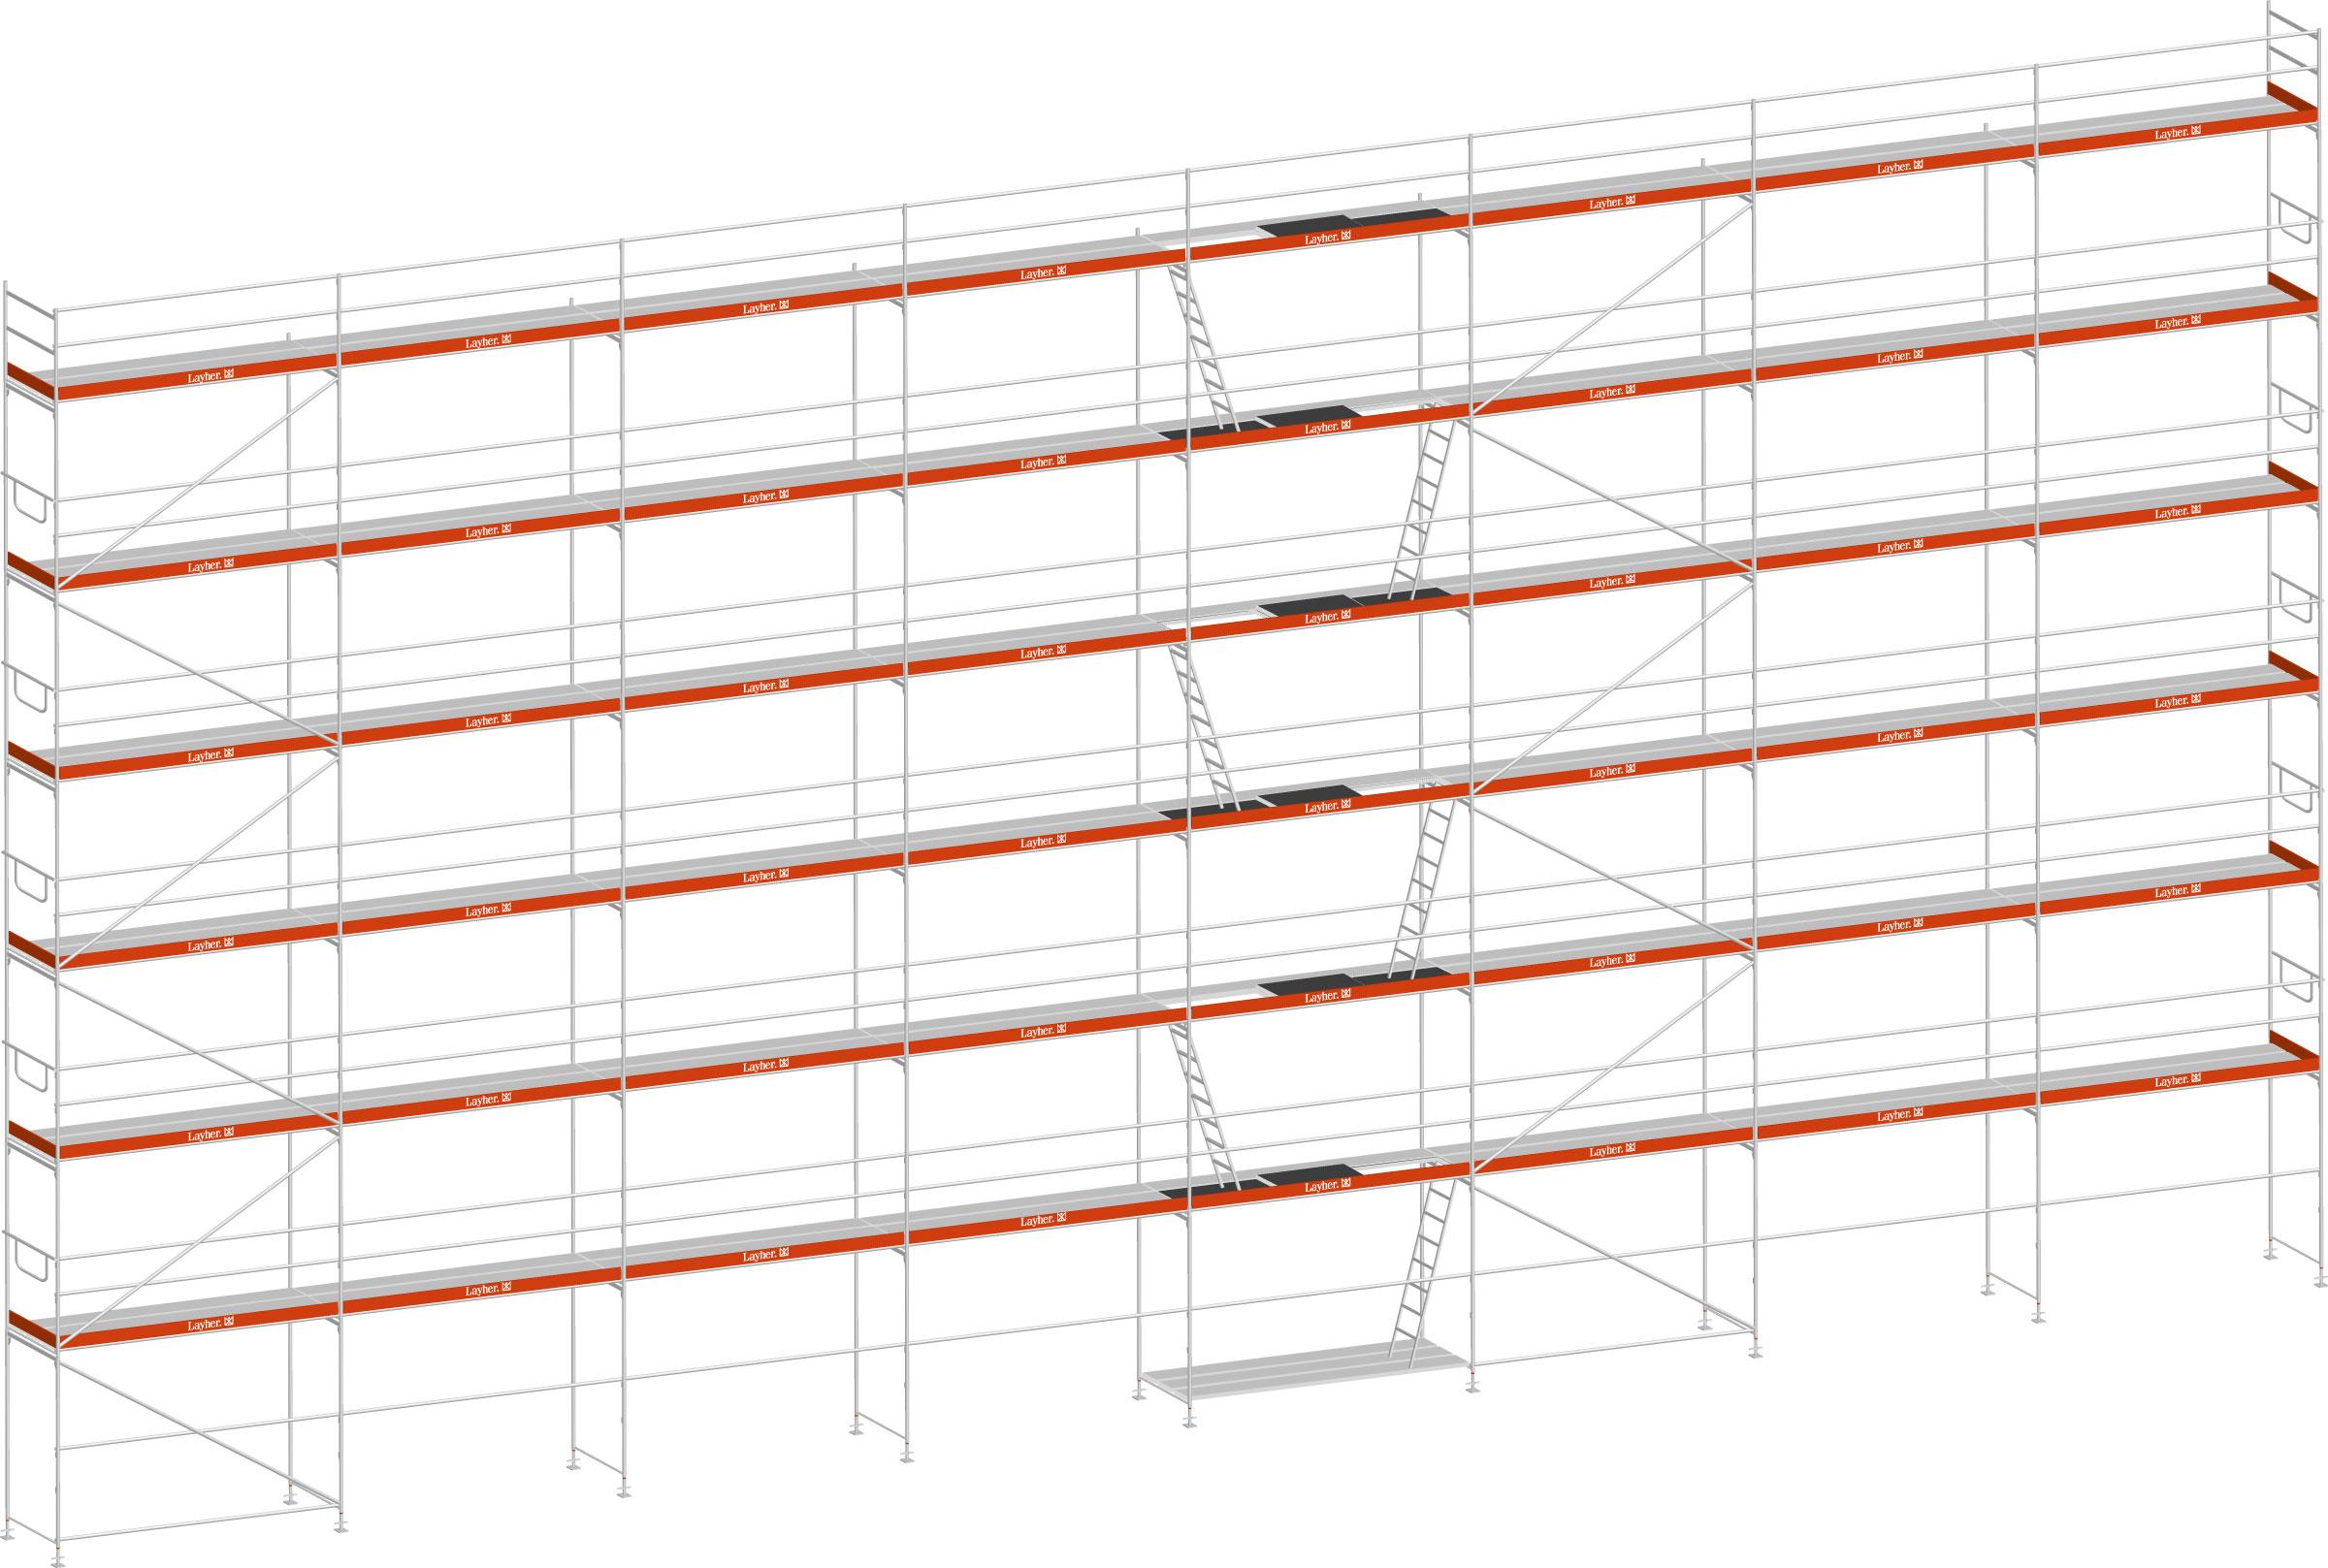 Layher Blitz Gerüst 100 Stahl 292 m²